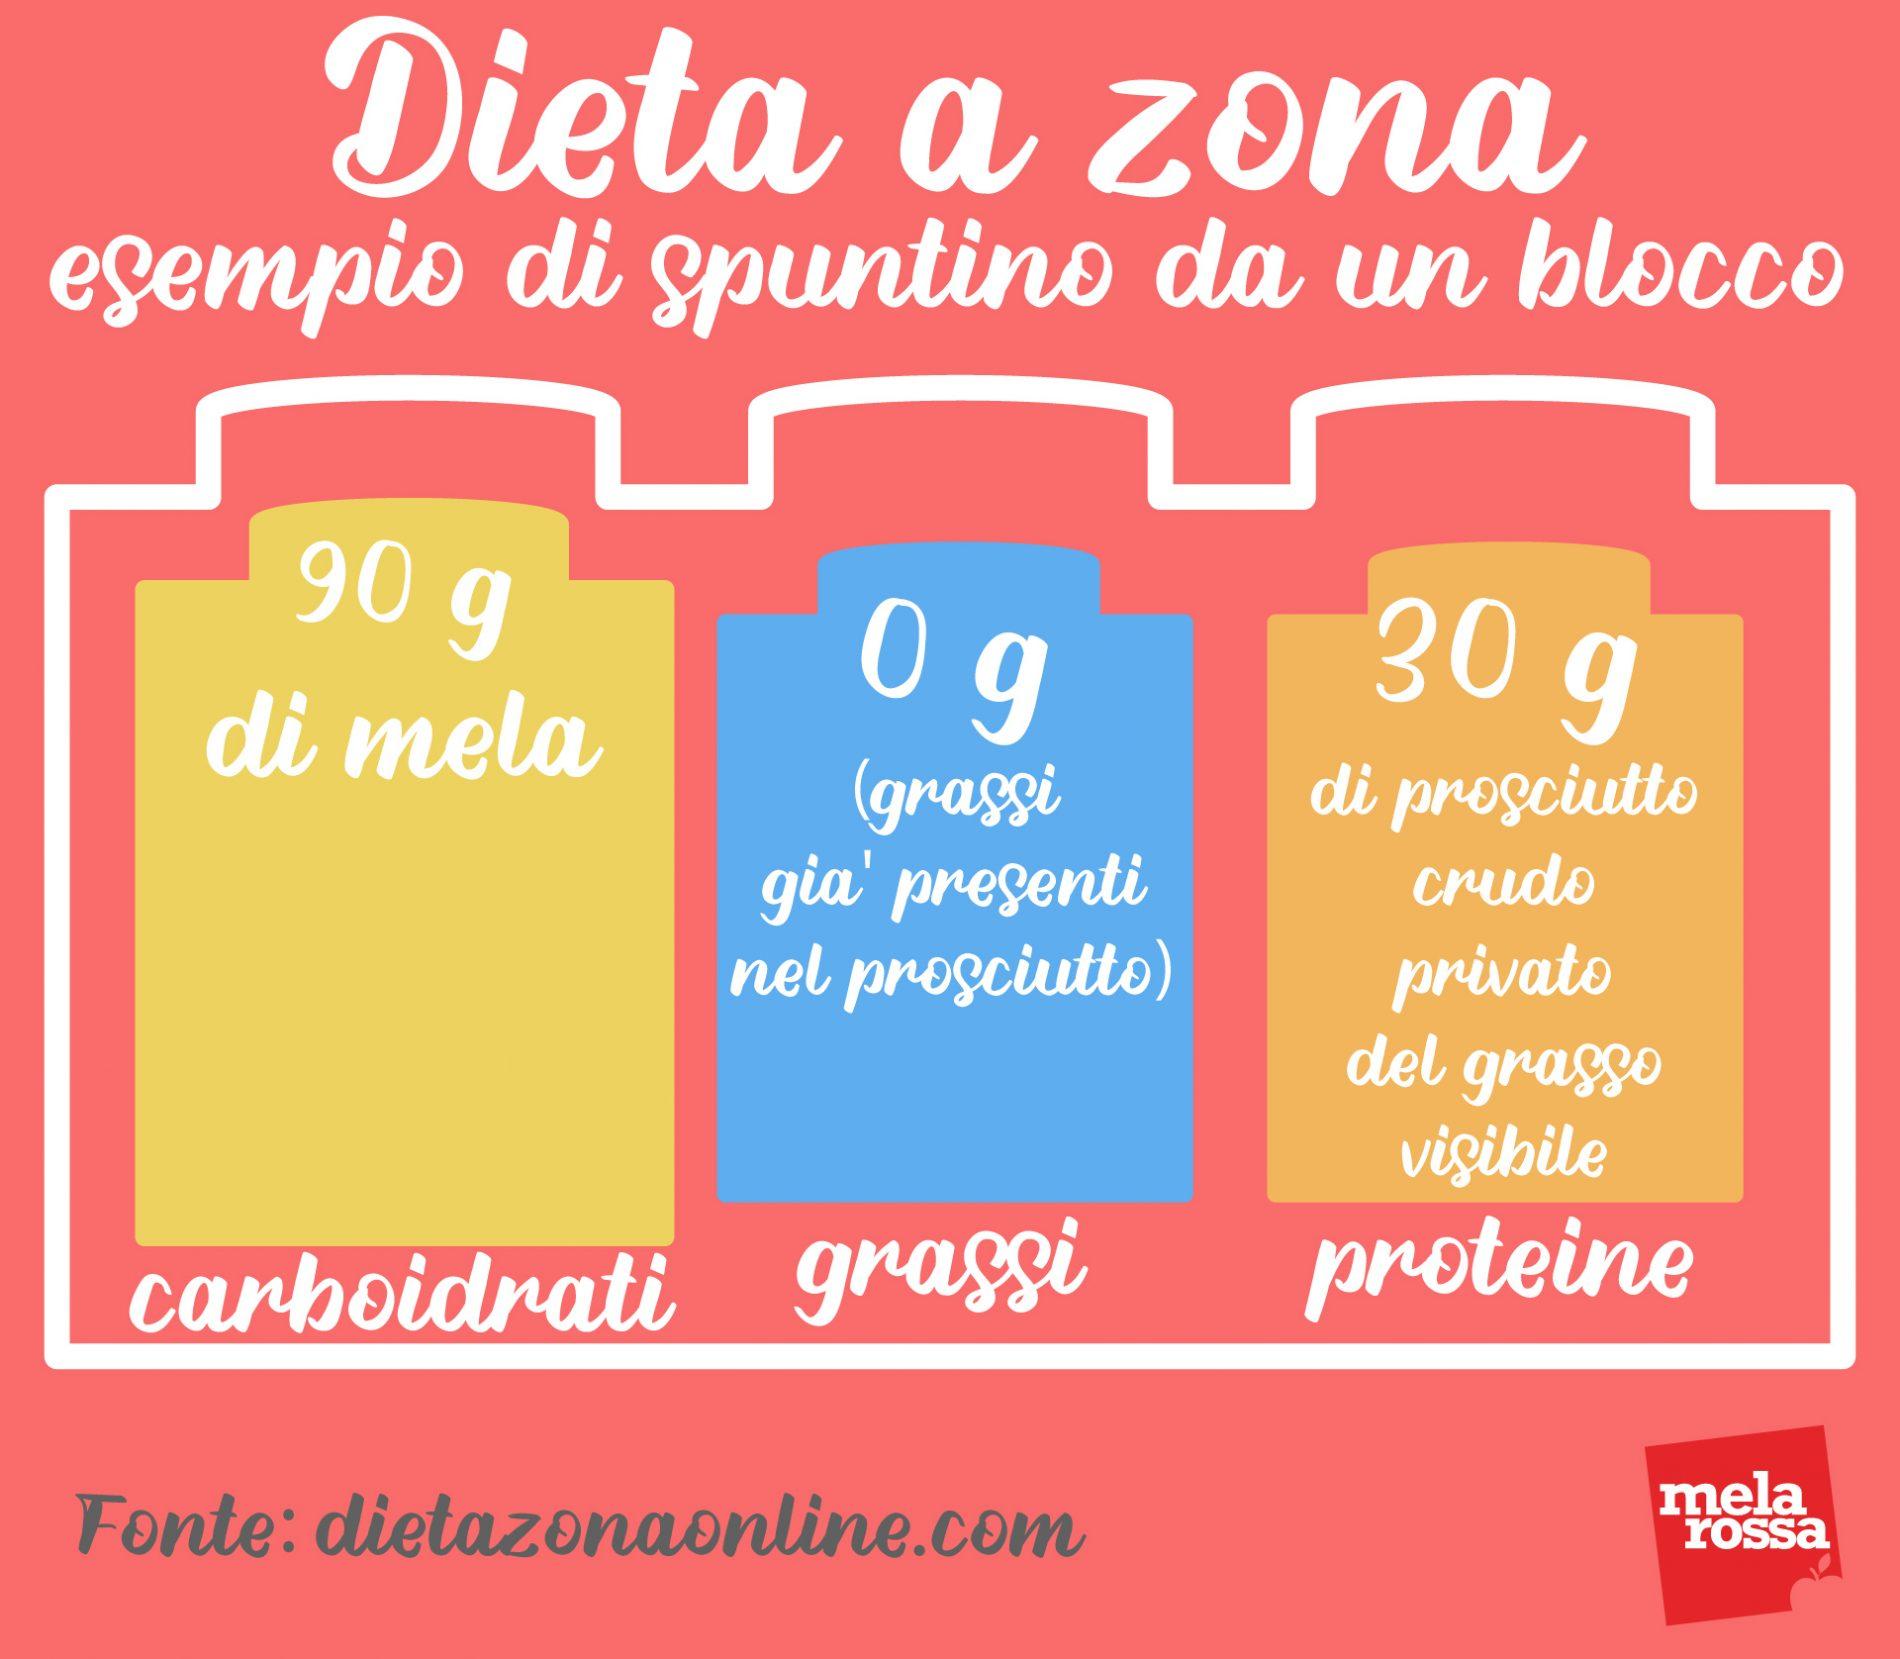 dieta a zona: esempio spuntino 1 blocco